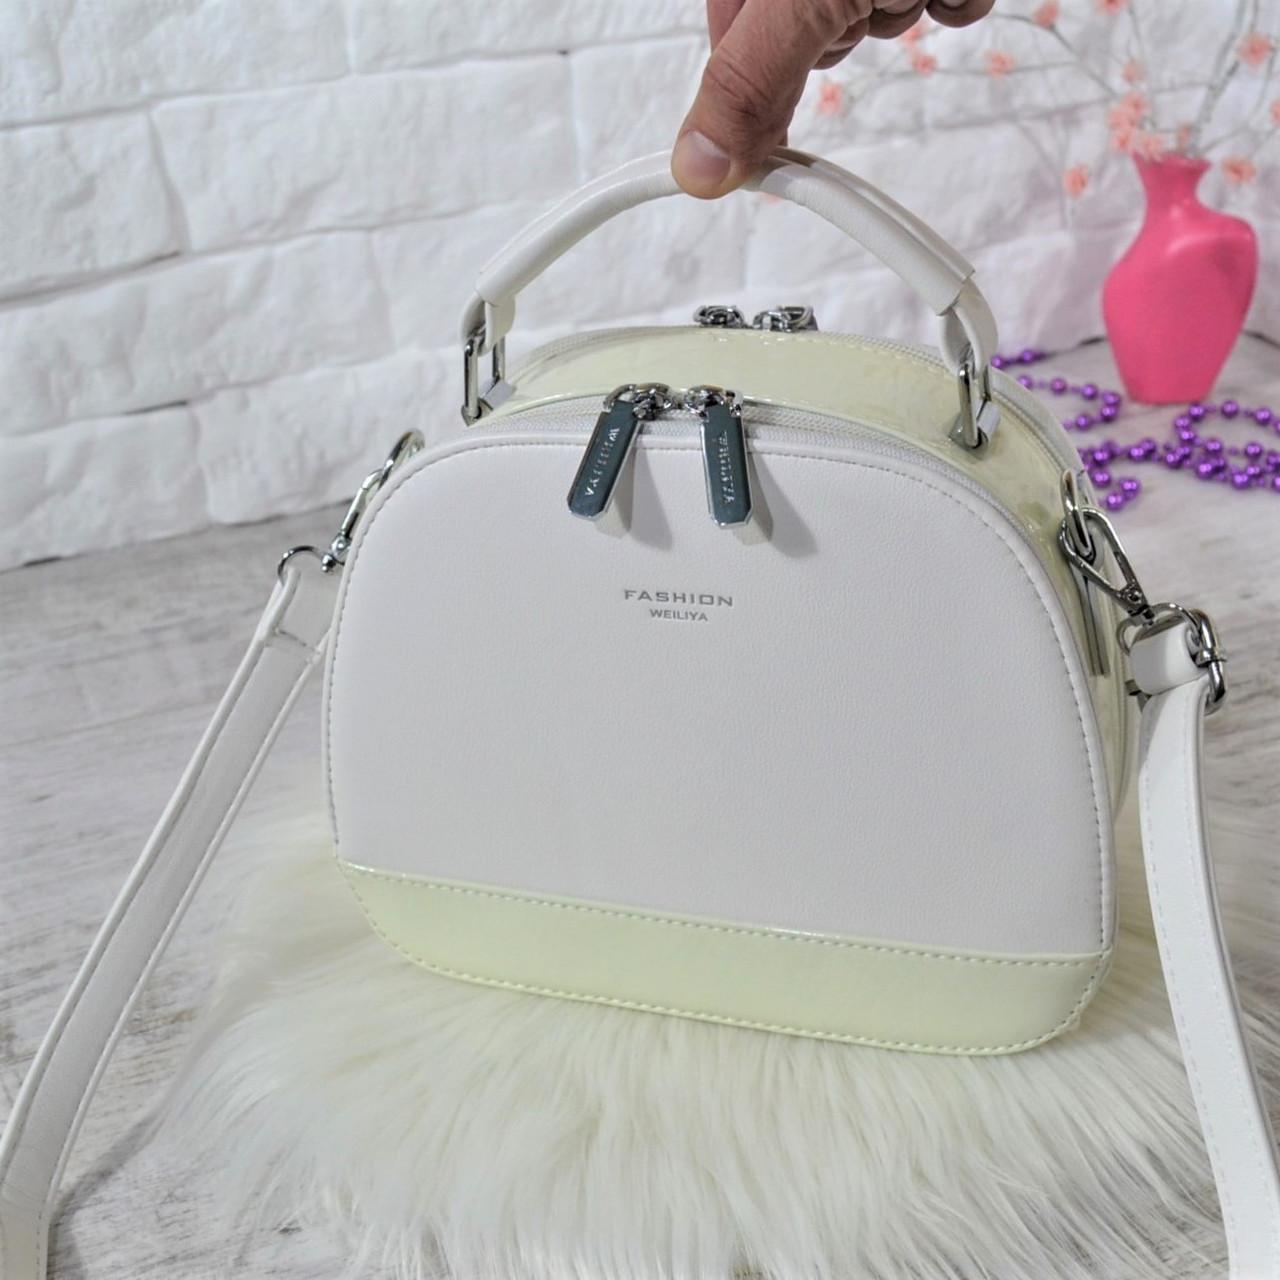 Сумка Weiliya Fashion с лаковой вставкой белая женская Женская сумка Сумка для девушки Модная женская сумка